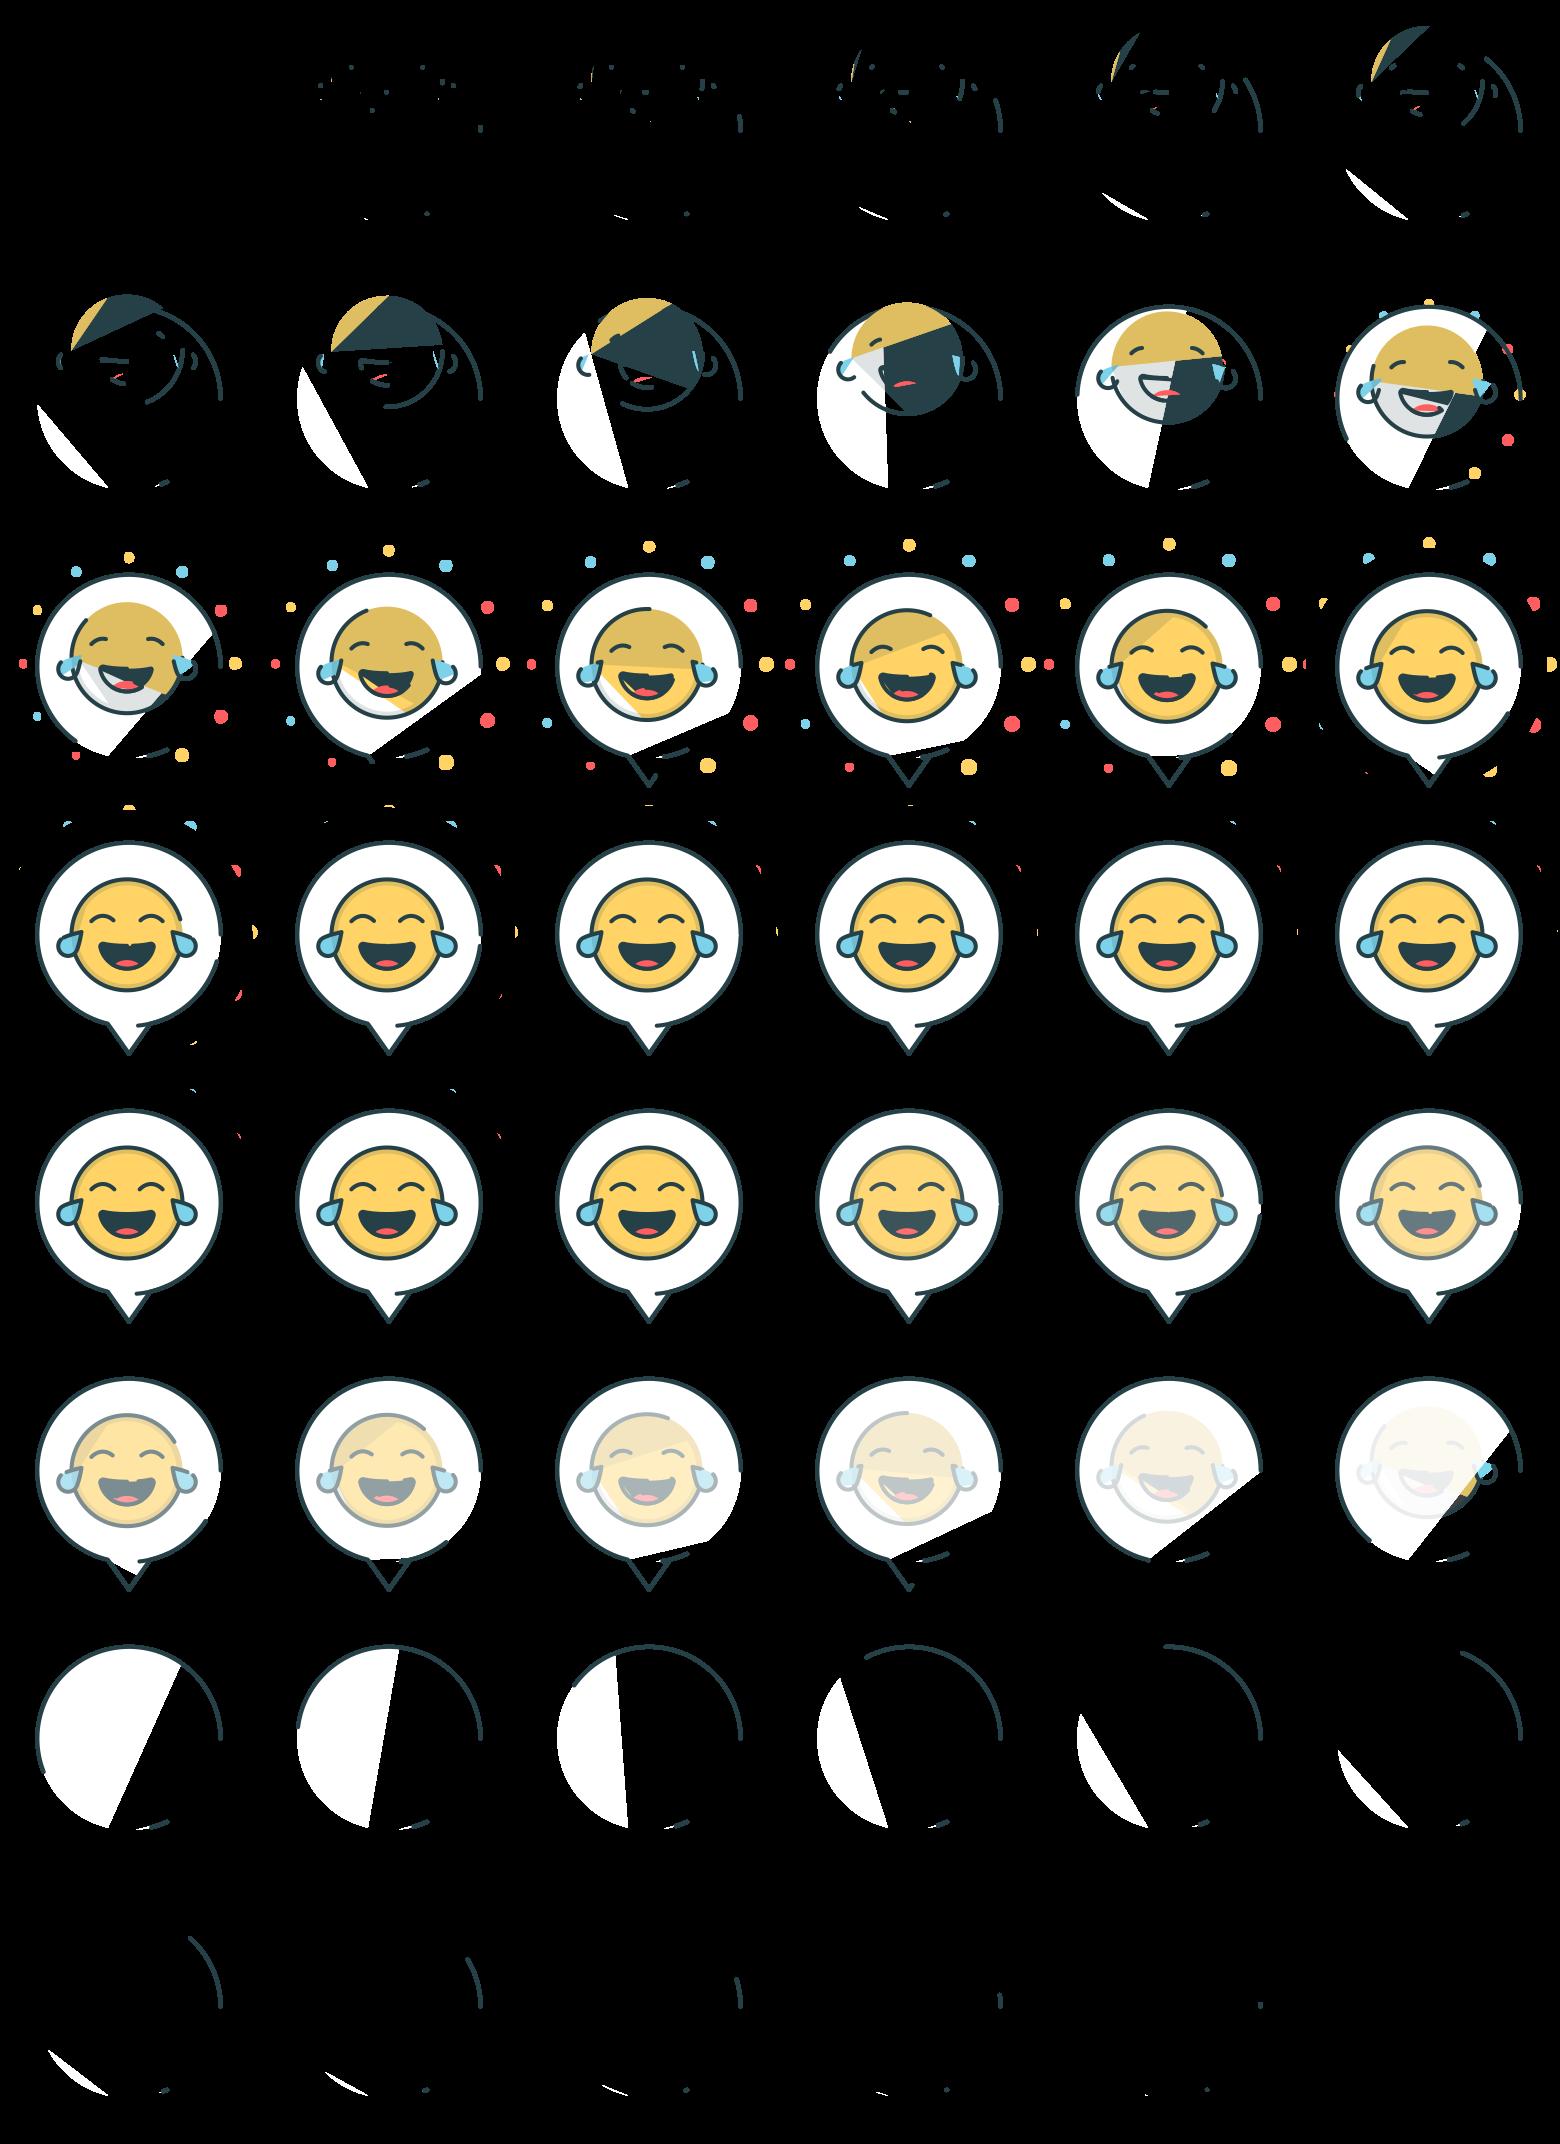 Dribbble - 3_bubble-emoji png by Robin Noguier